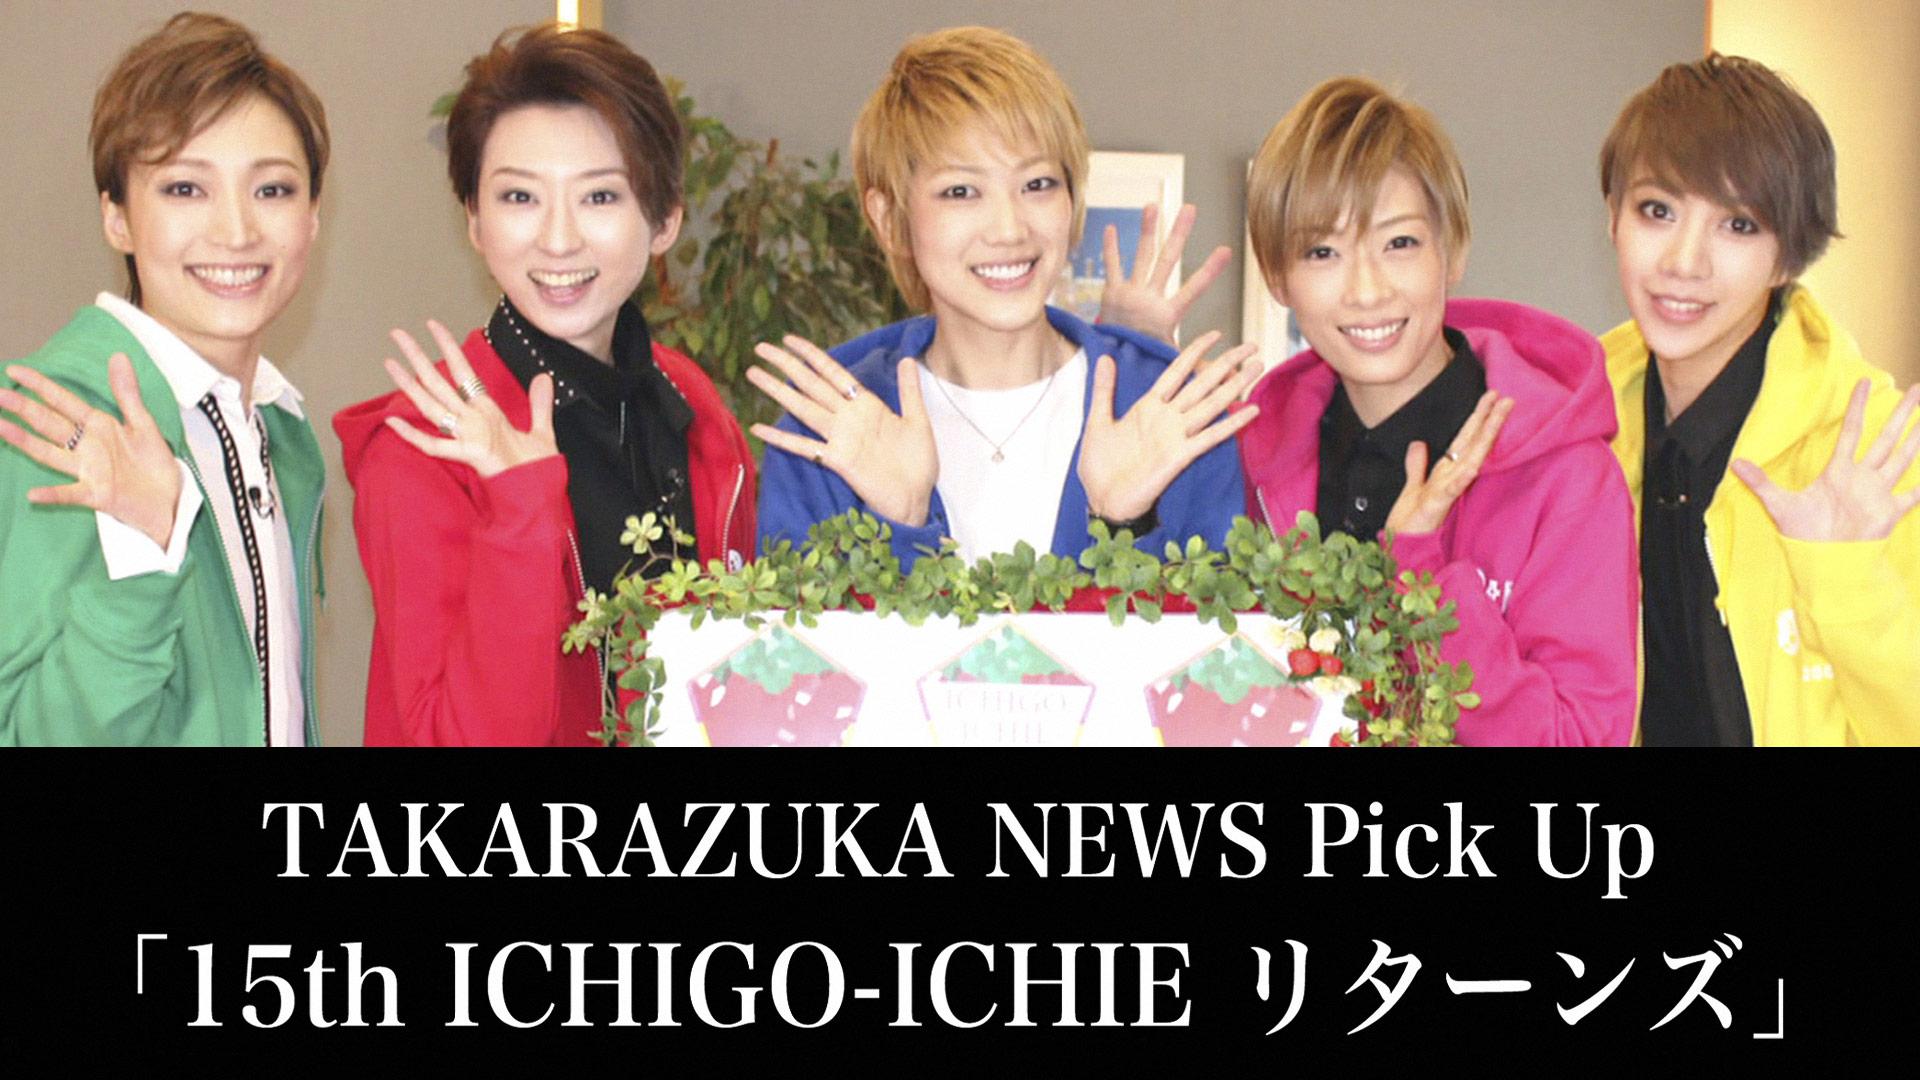 TAKARAZUKA NEWS Pick Up「15th ICHIGO-ICHIE リターンズ」